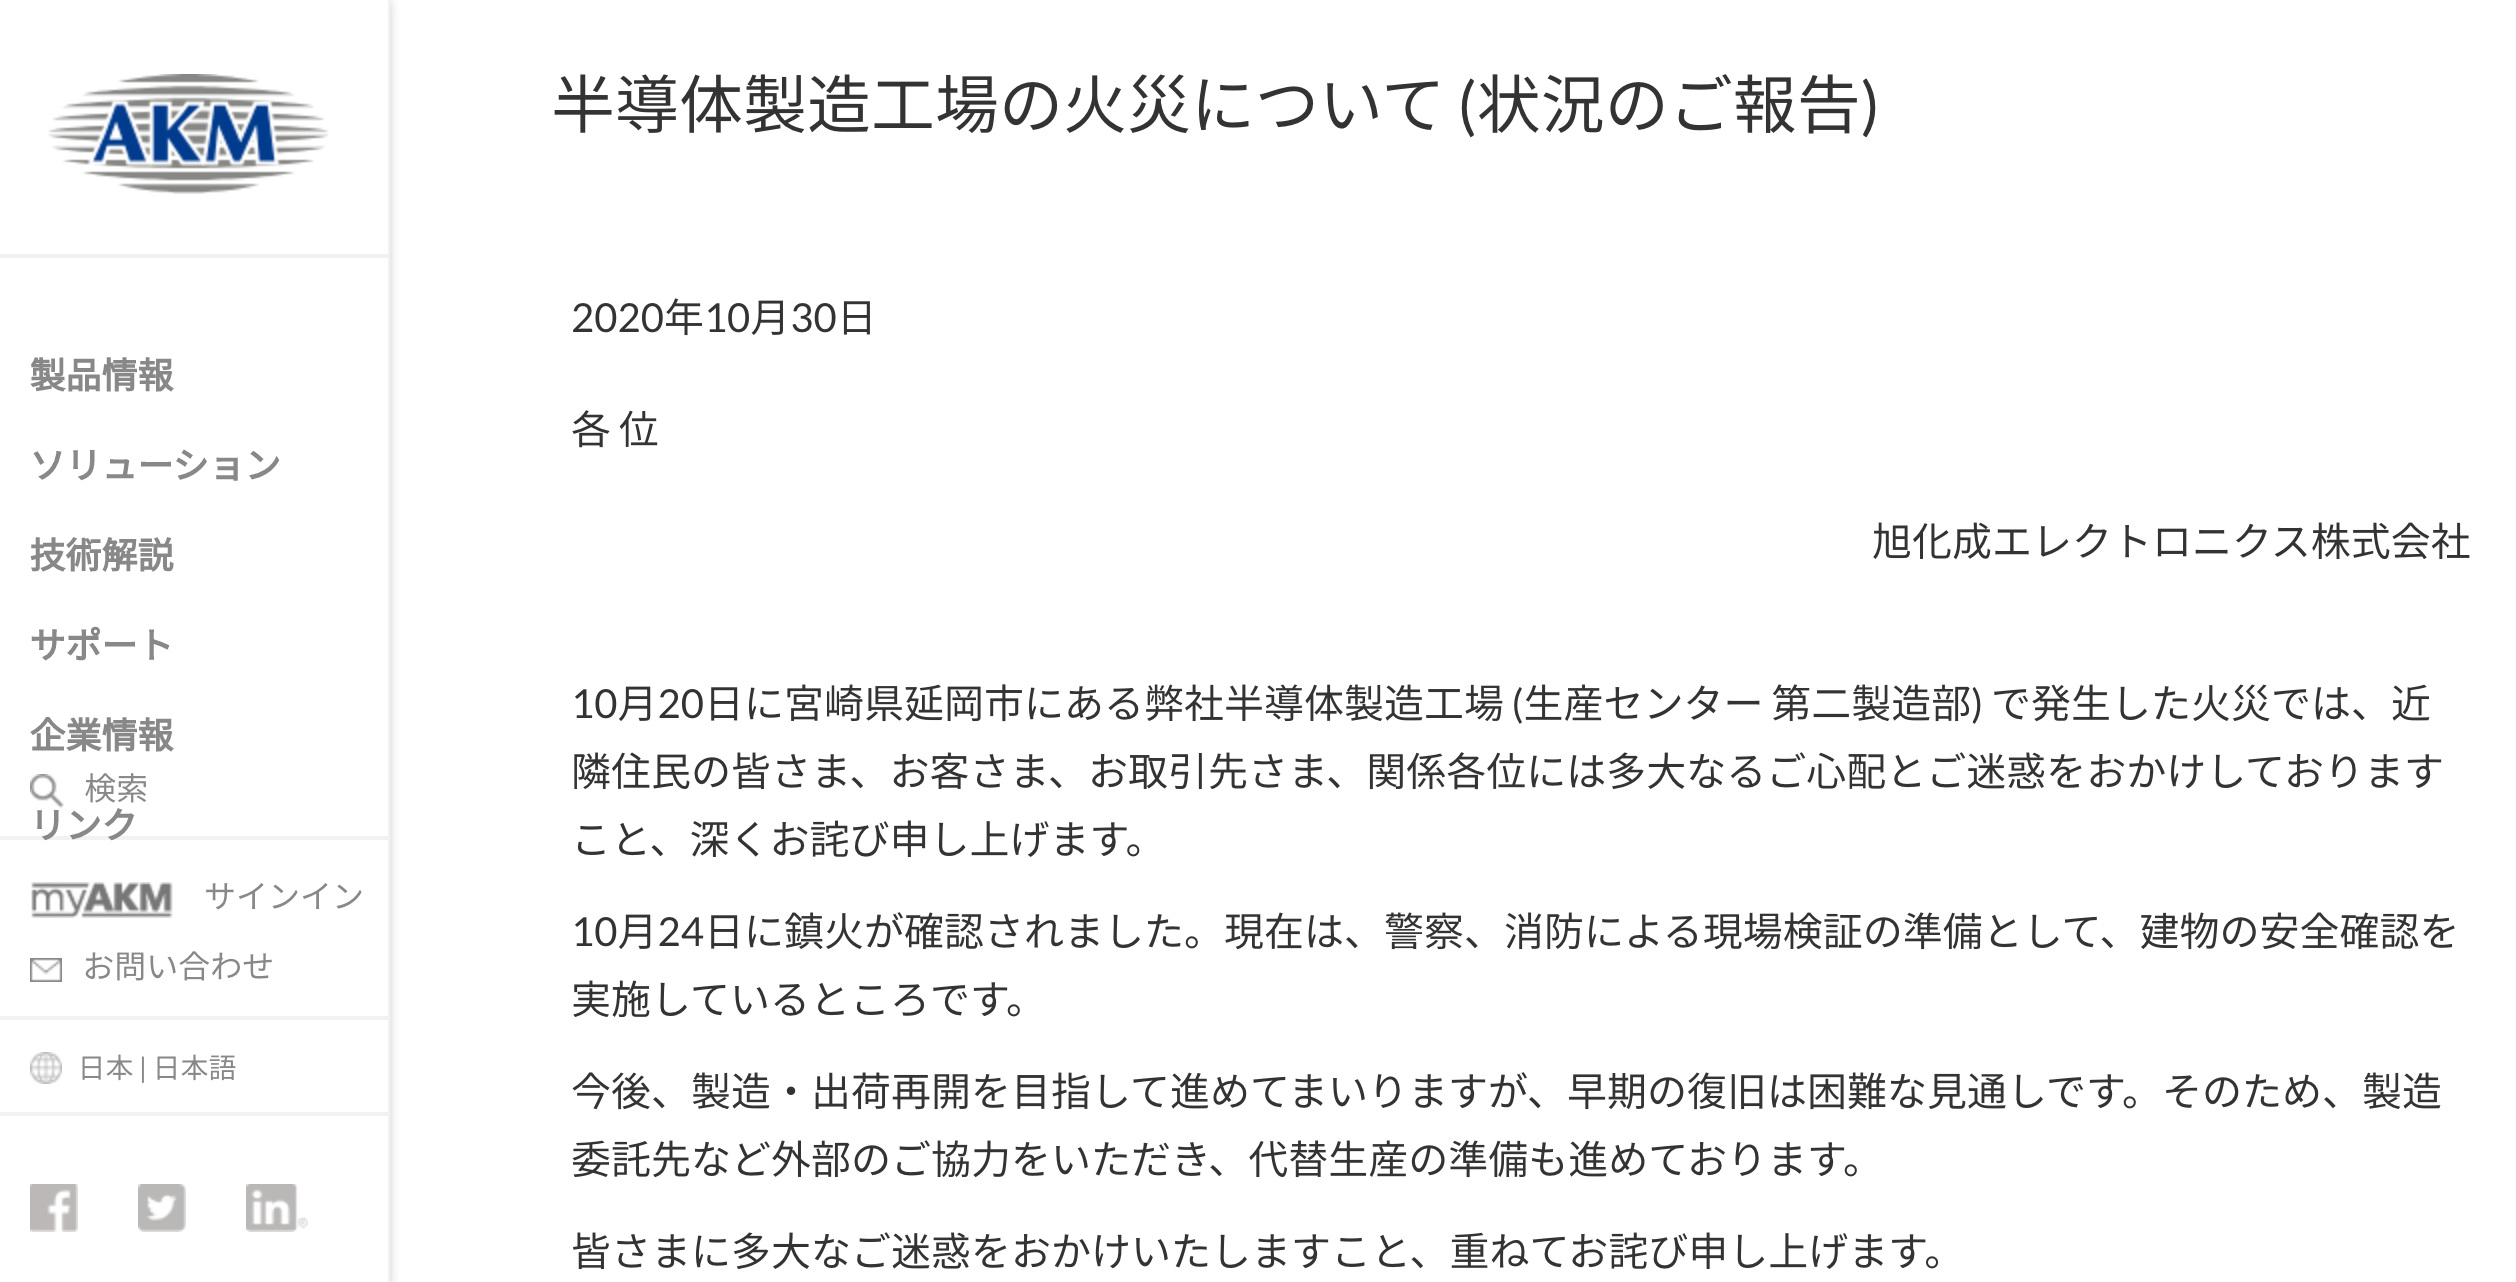 旭化成 エレクトロニクス 火災